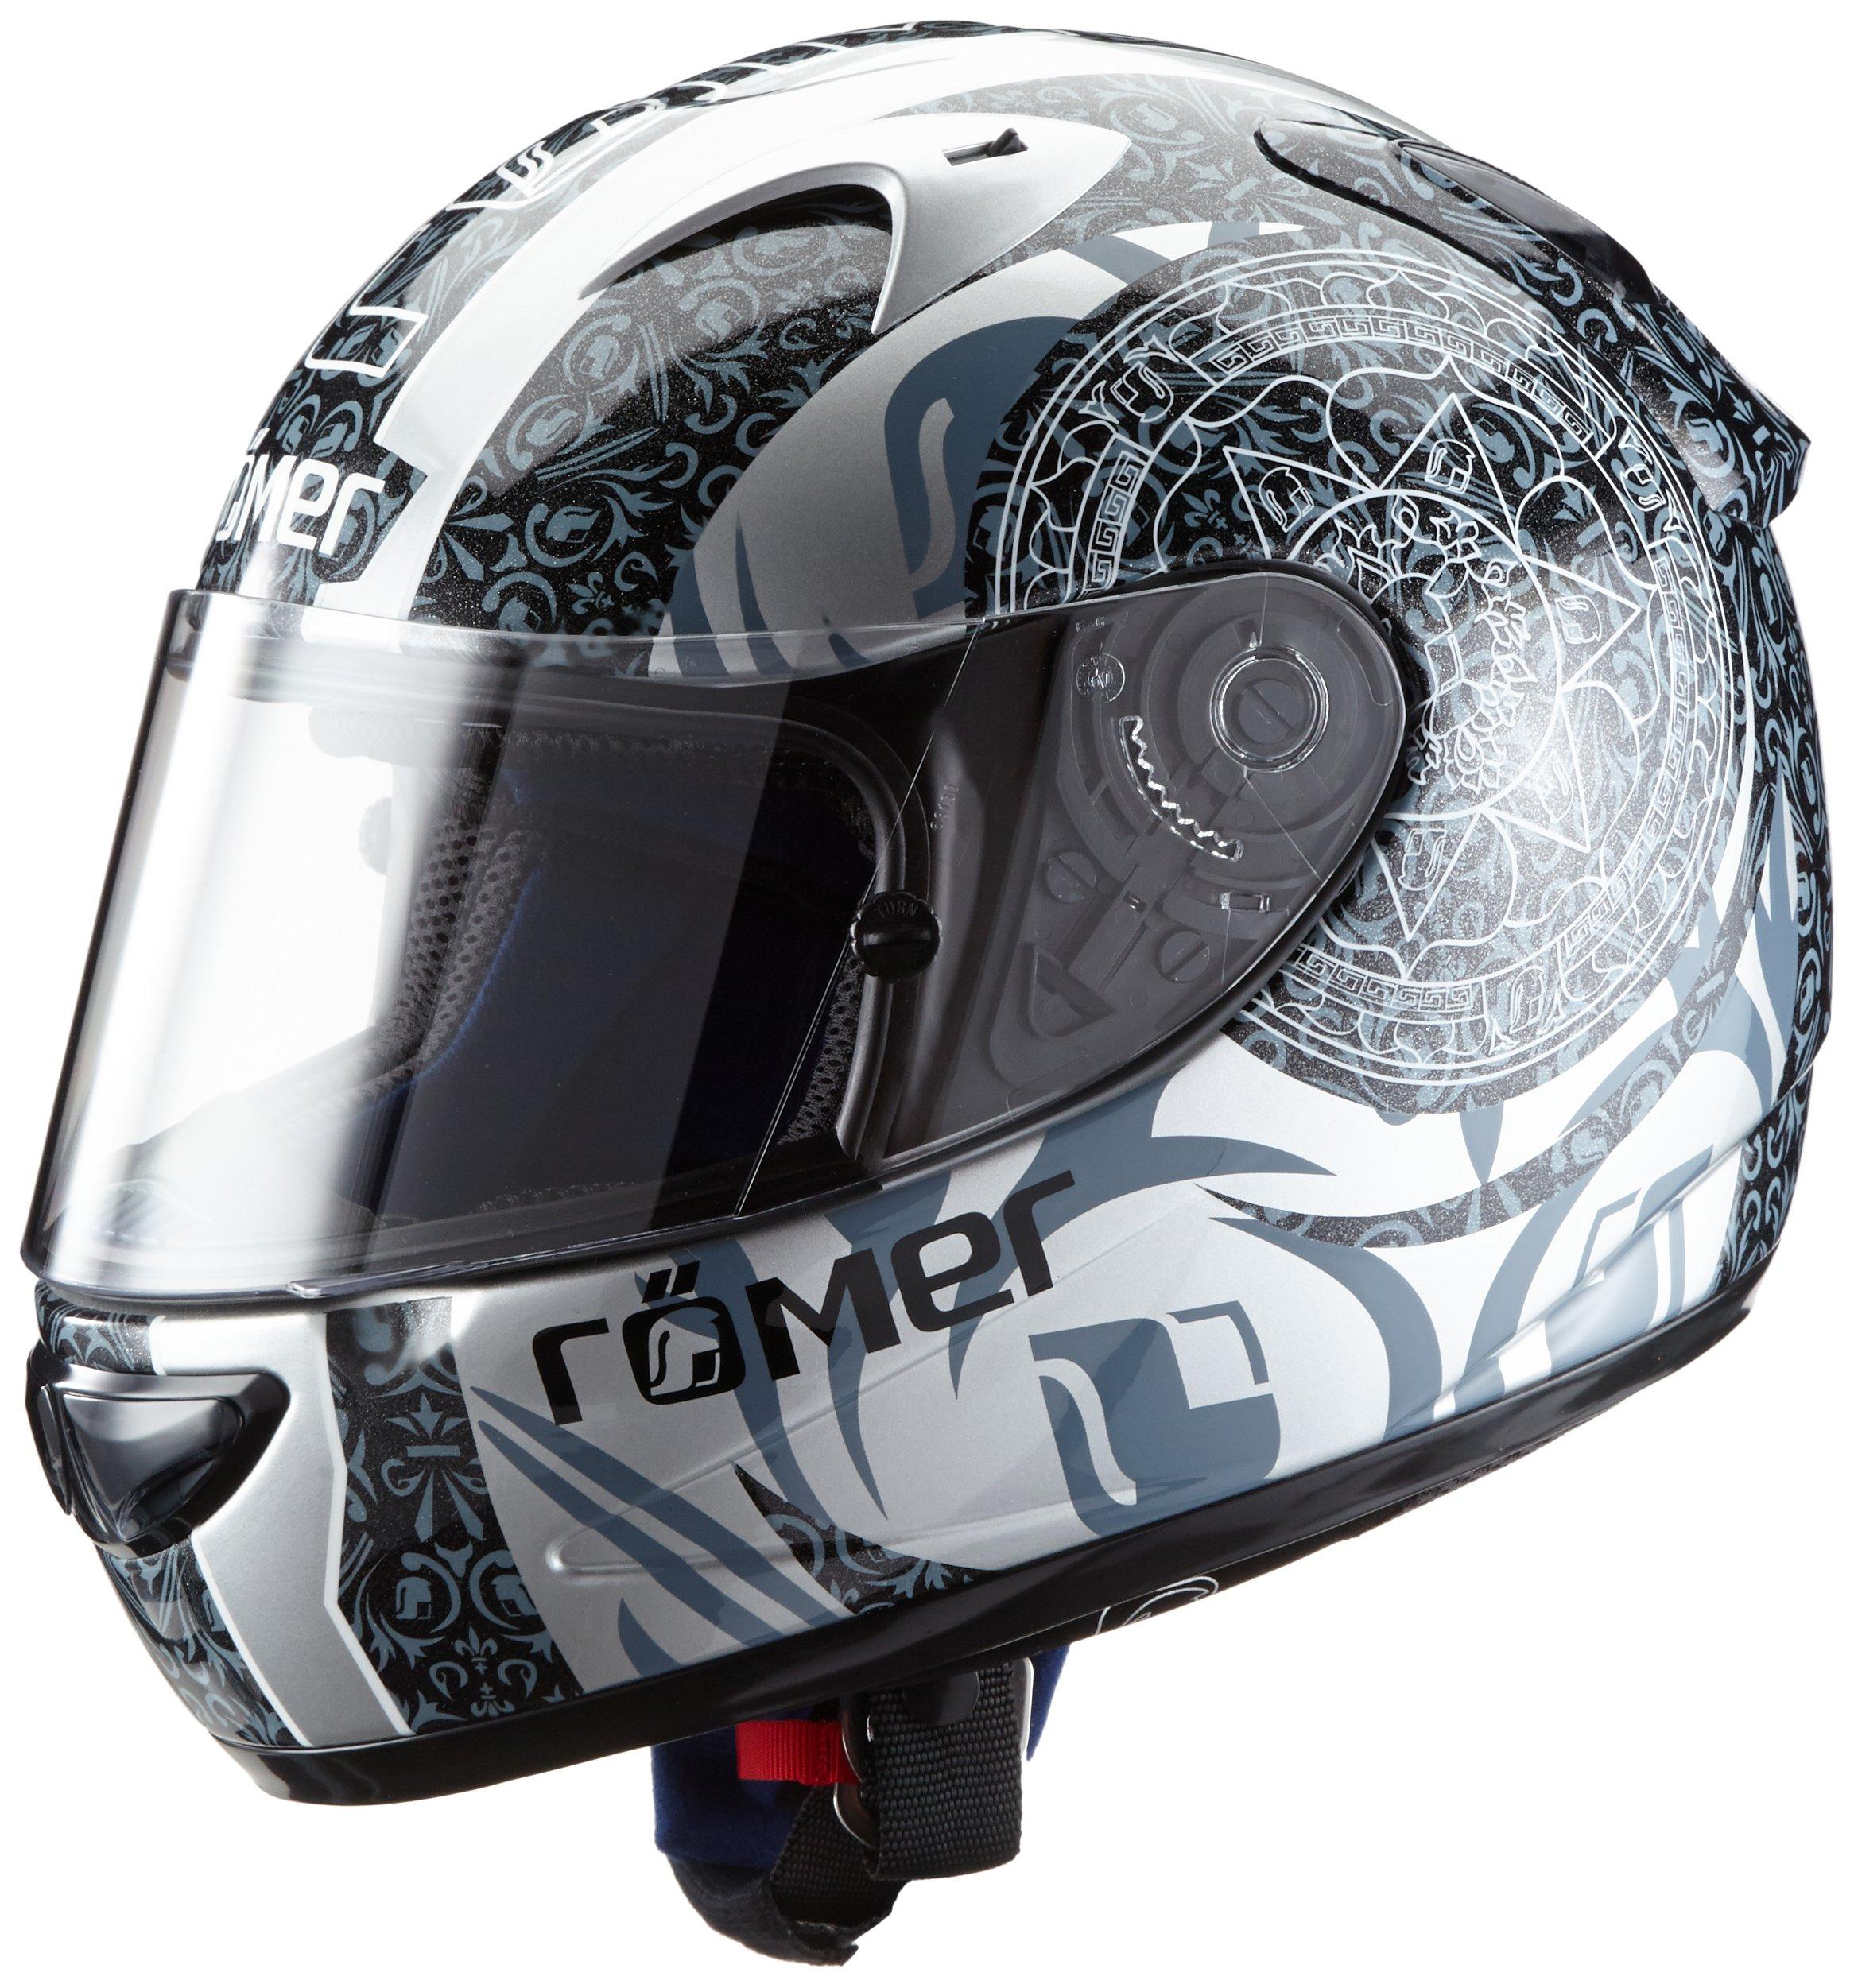 Amazon.es: Römer Mandala Casco Integral de Motocicleta, Negro/Gris, XL